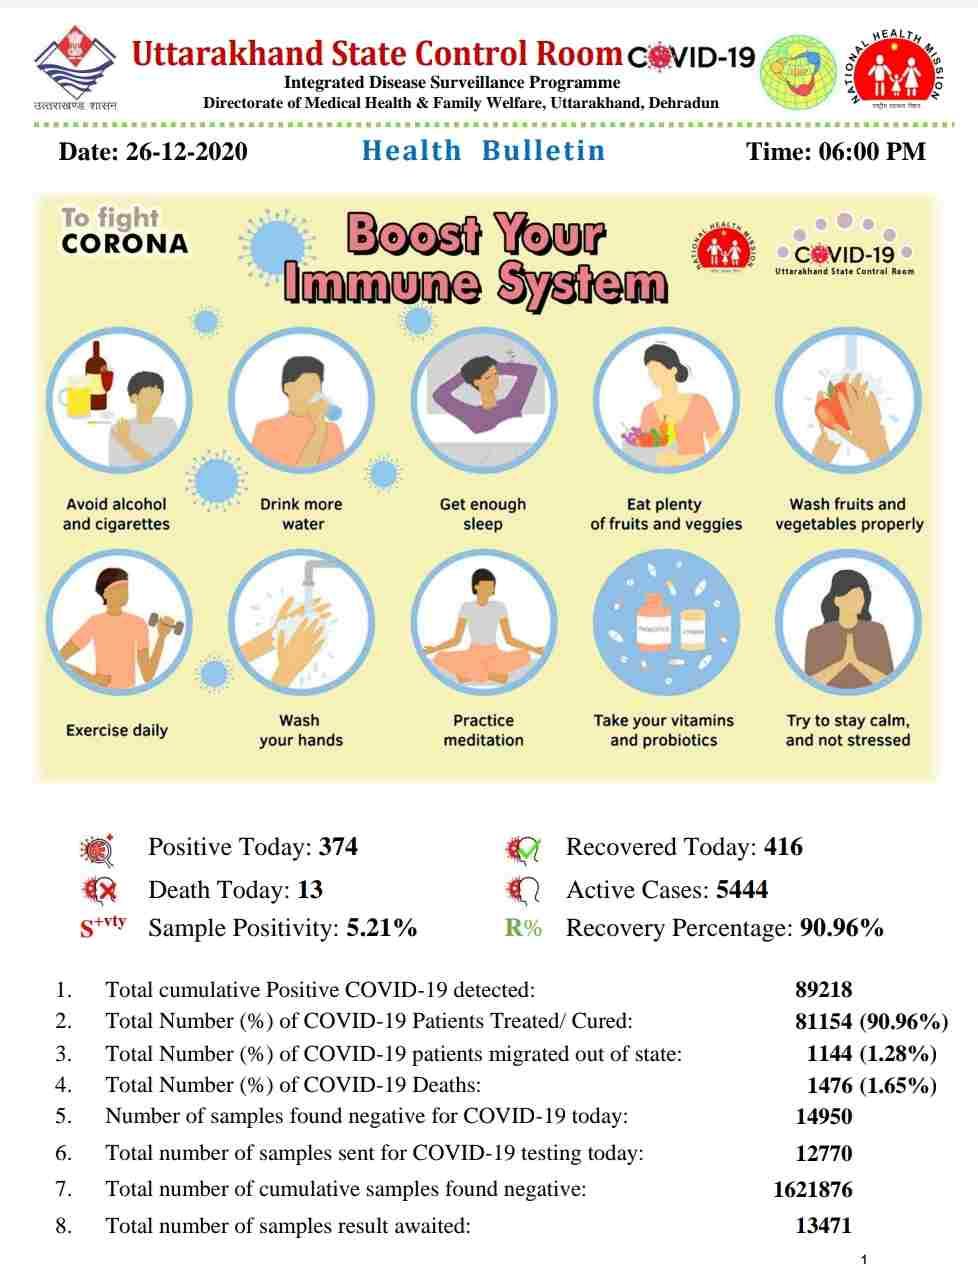 कोरोना बुलेटिन: उत्तराखंड में आज 13 लोगों की मौत, 374 नए कोविड-19 मरीज़, 416 हुए आज स्वास्थ्य 2